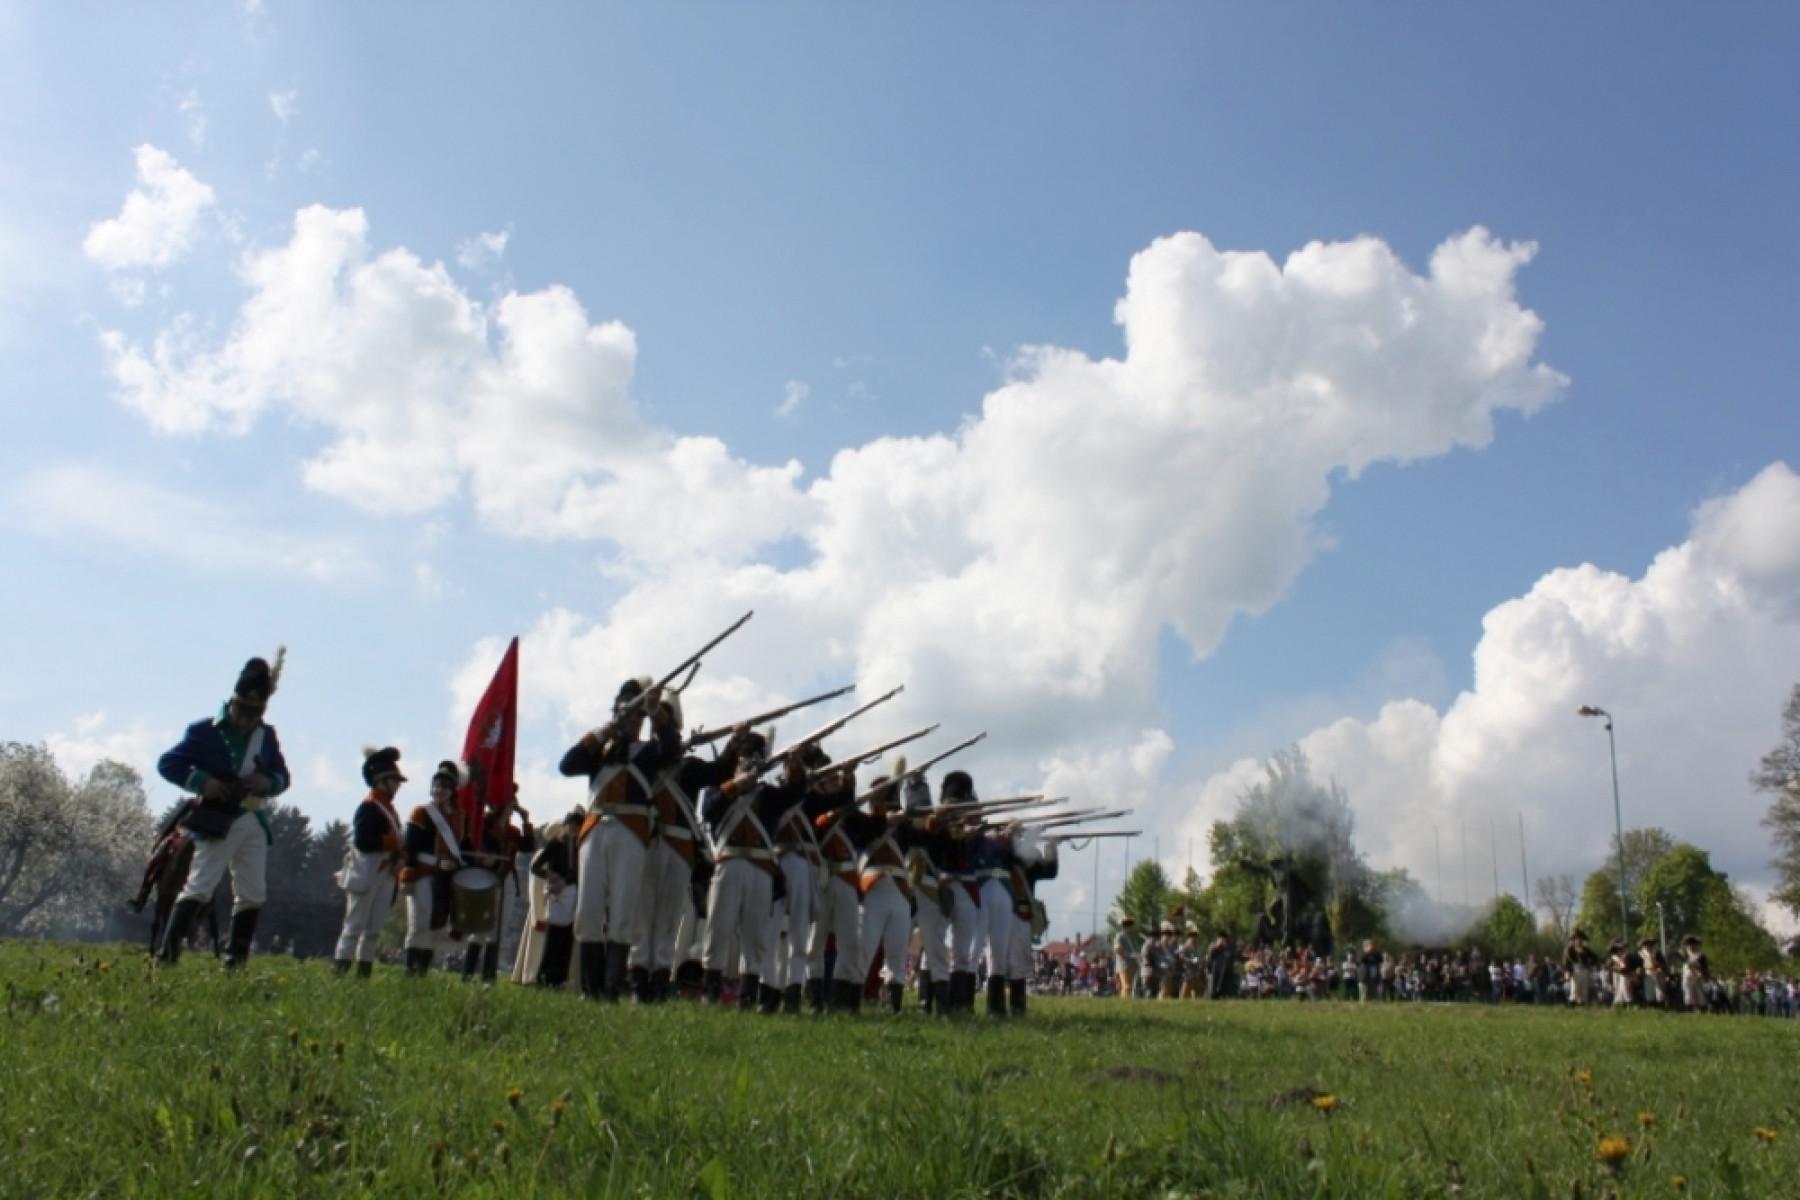 miejsce słynnej, zwycięskiej potyczki z czasów Powstania Kościuszkowskiego